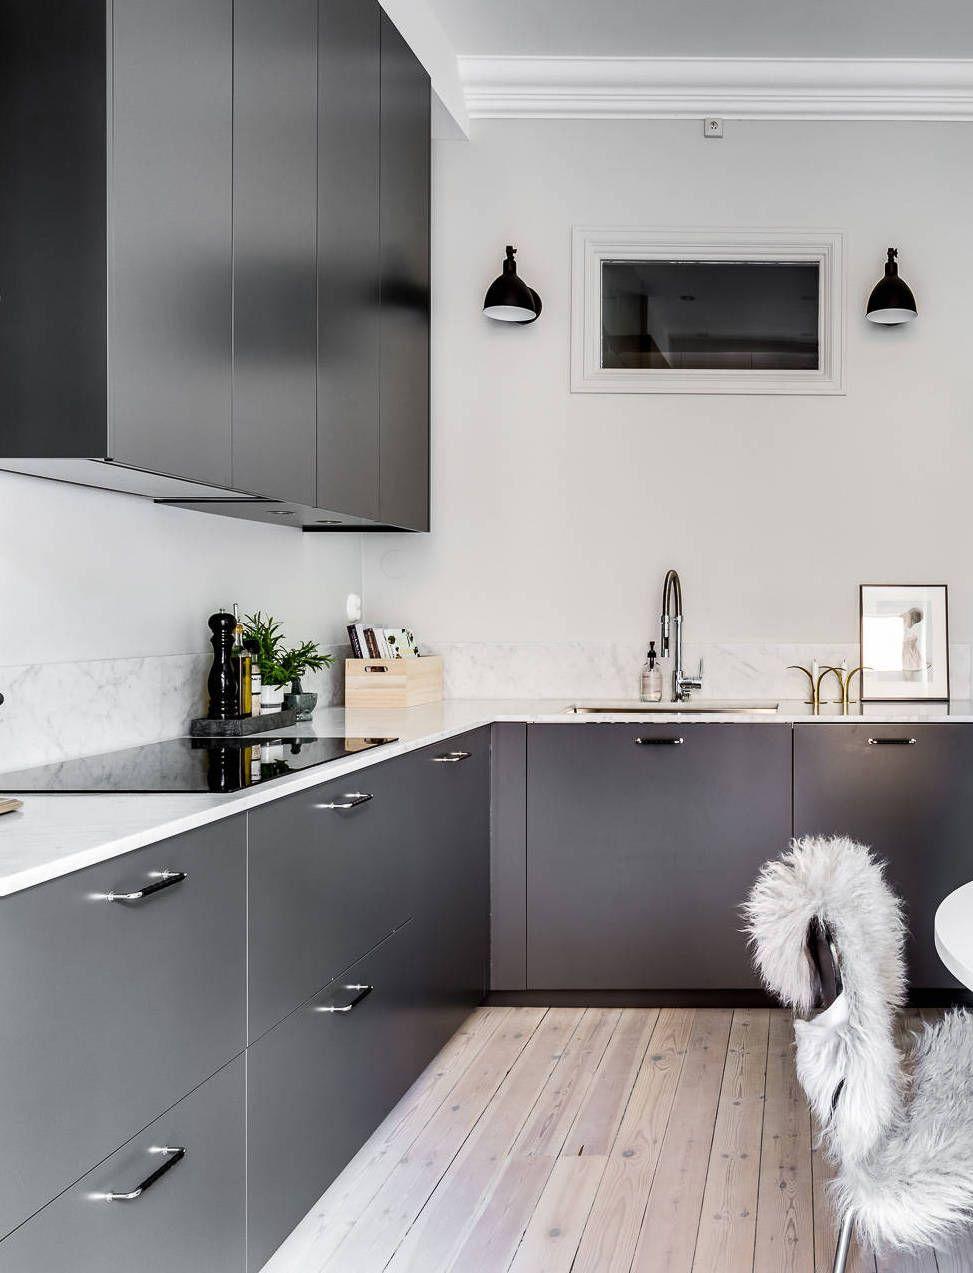 Pin De N M 12a En Deco Kitchens Pinterest Interiores Y  # Muebles Num Decoracion